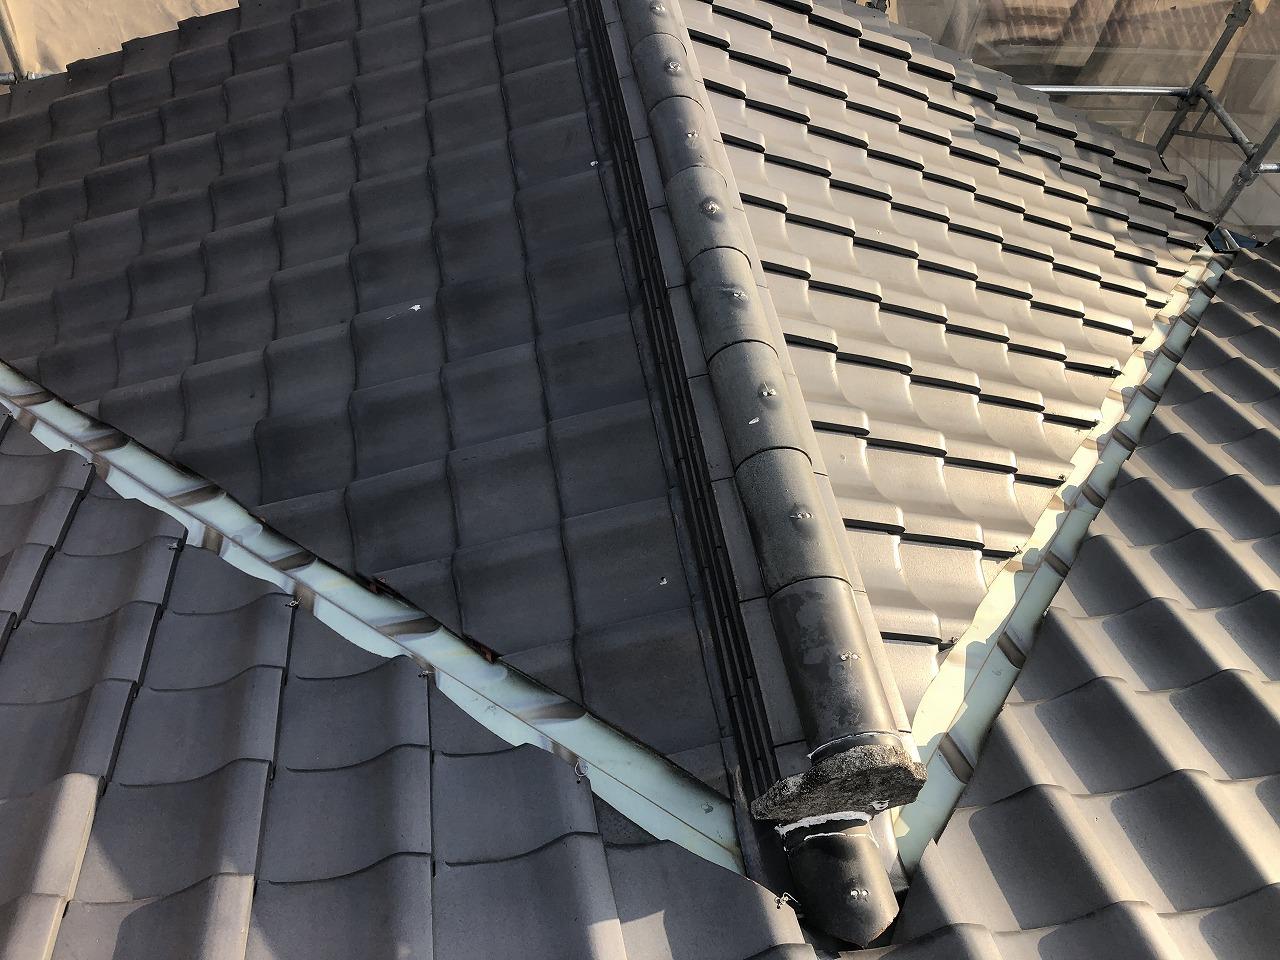 倉敷市で築30年の瓦屋根を撤去し、軽い板金屋根に葺き替え中です